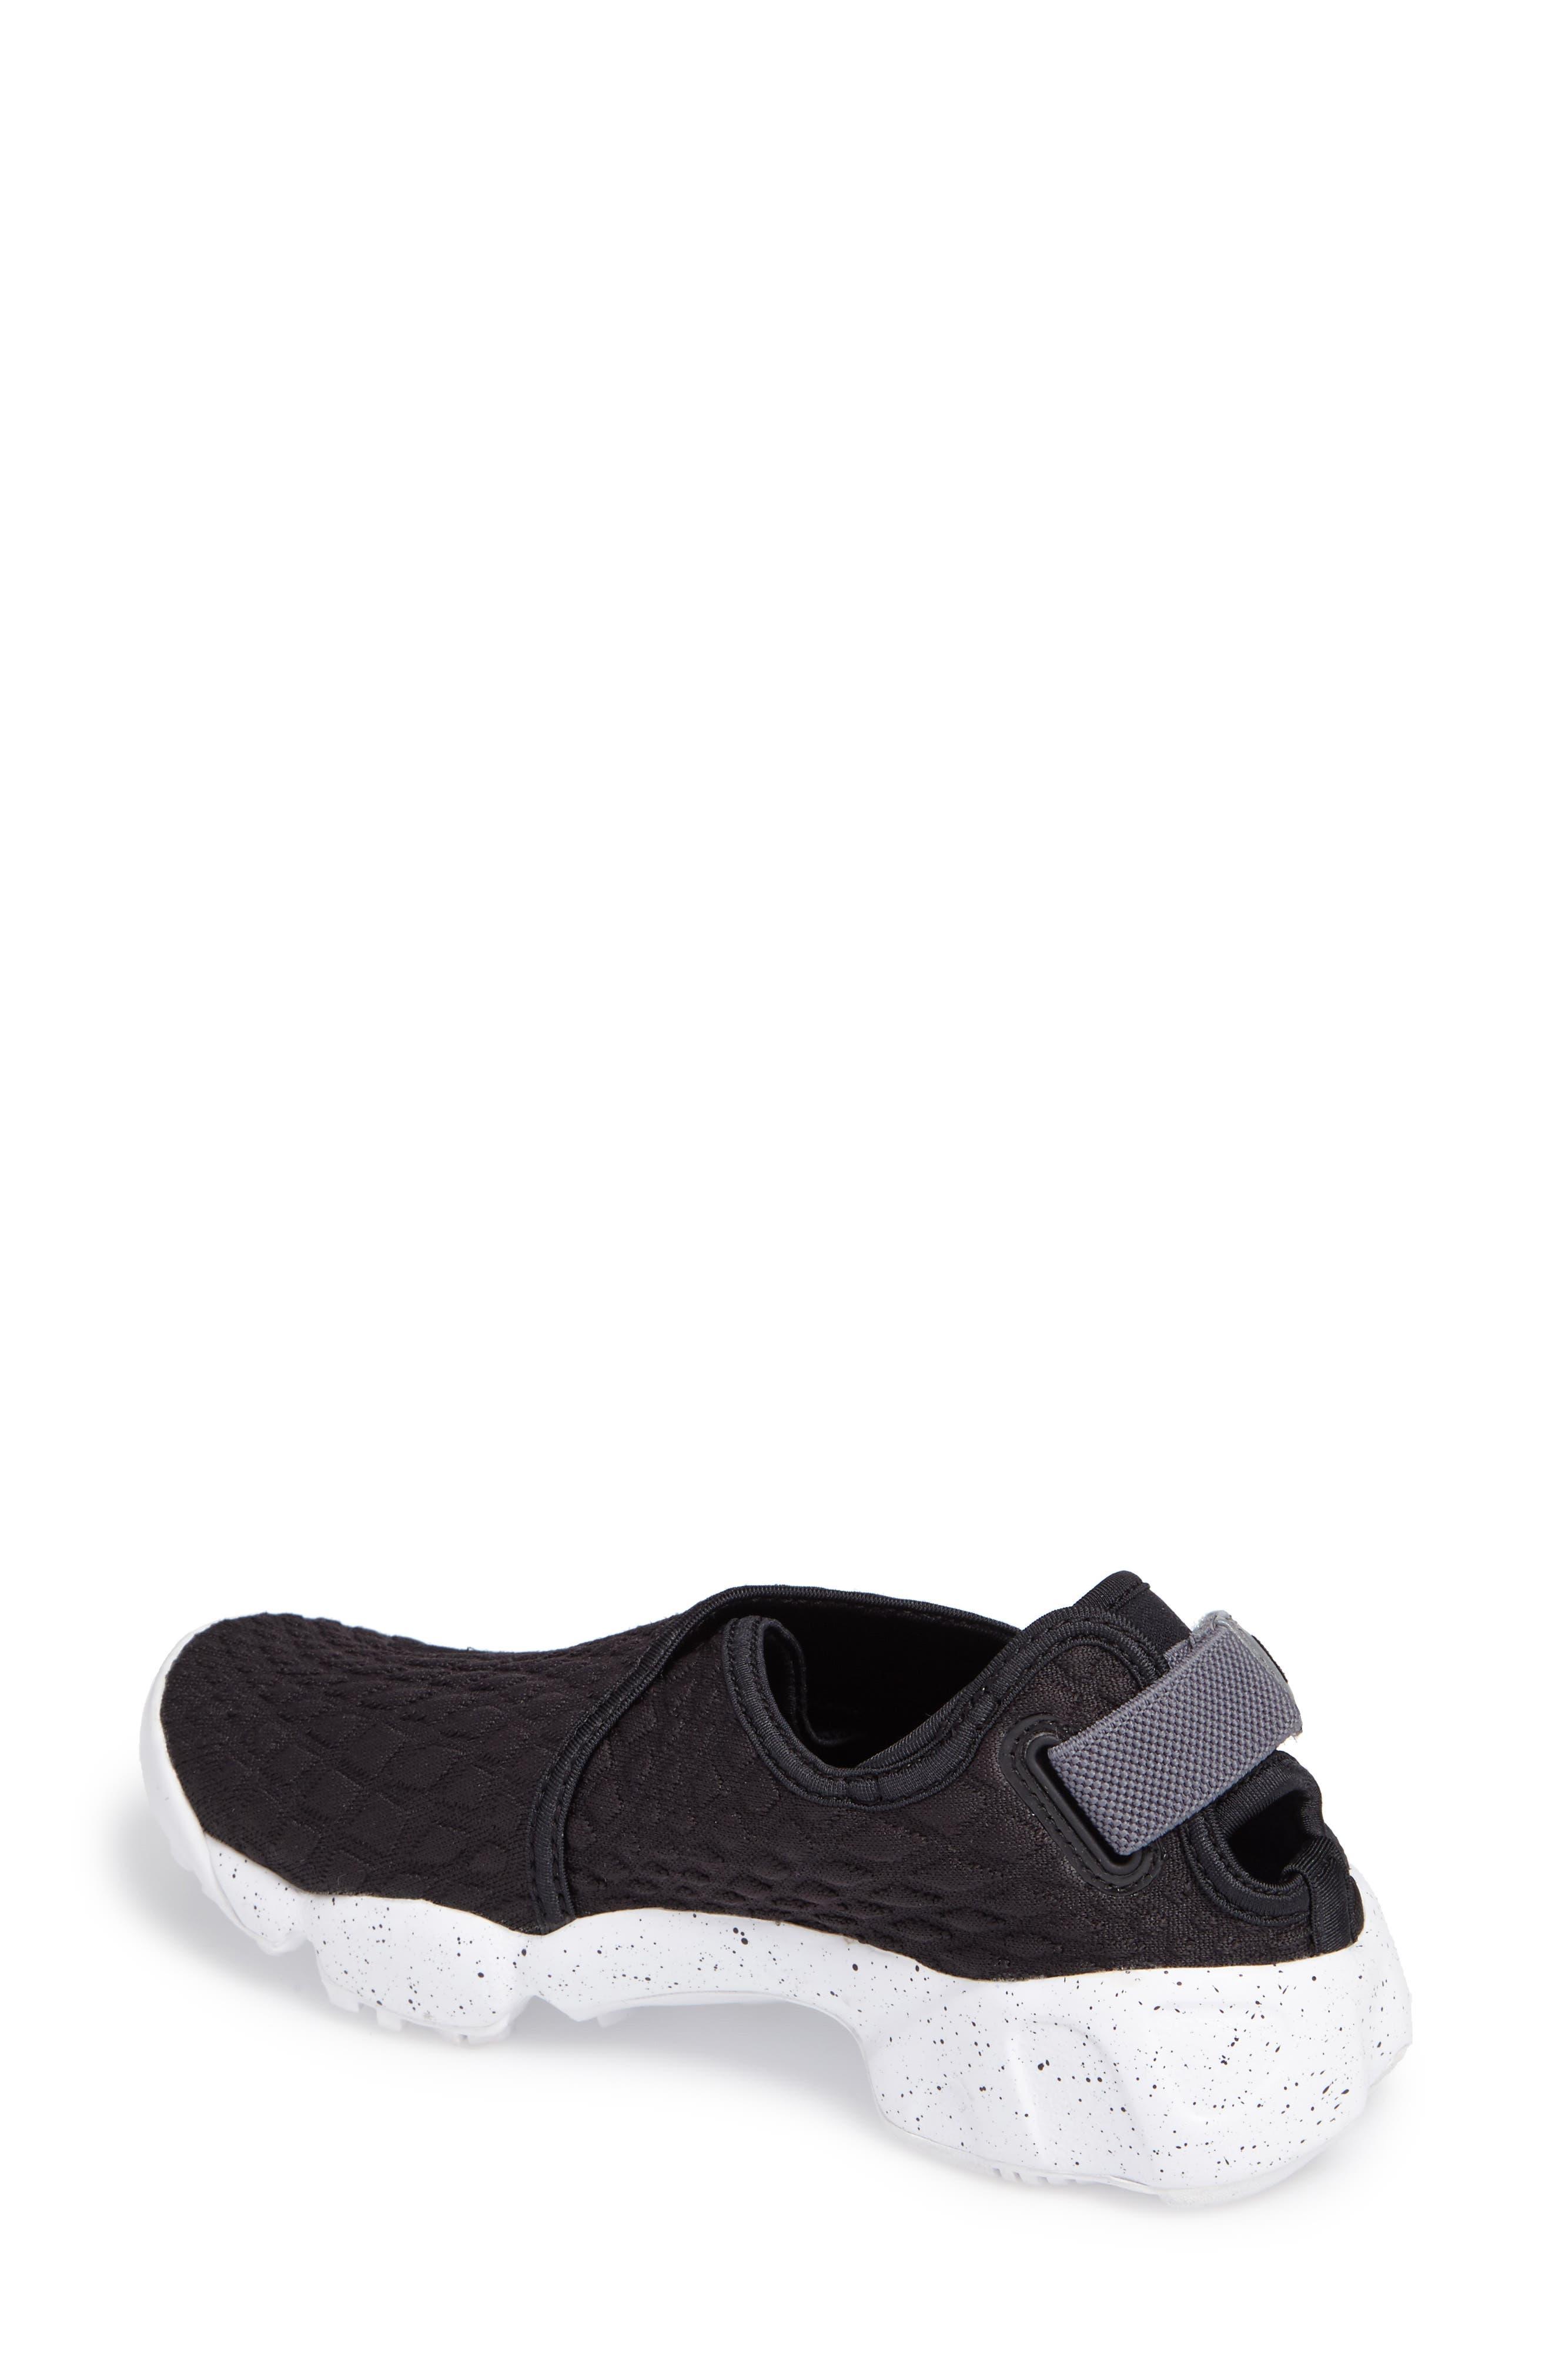 Rift Wrap Slip-On Sneaker,                             Alternate thumbnail 2, color,                             001